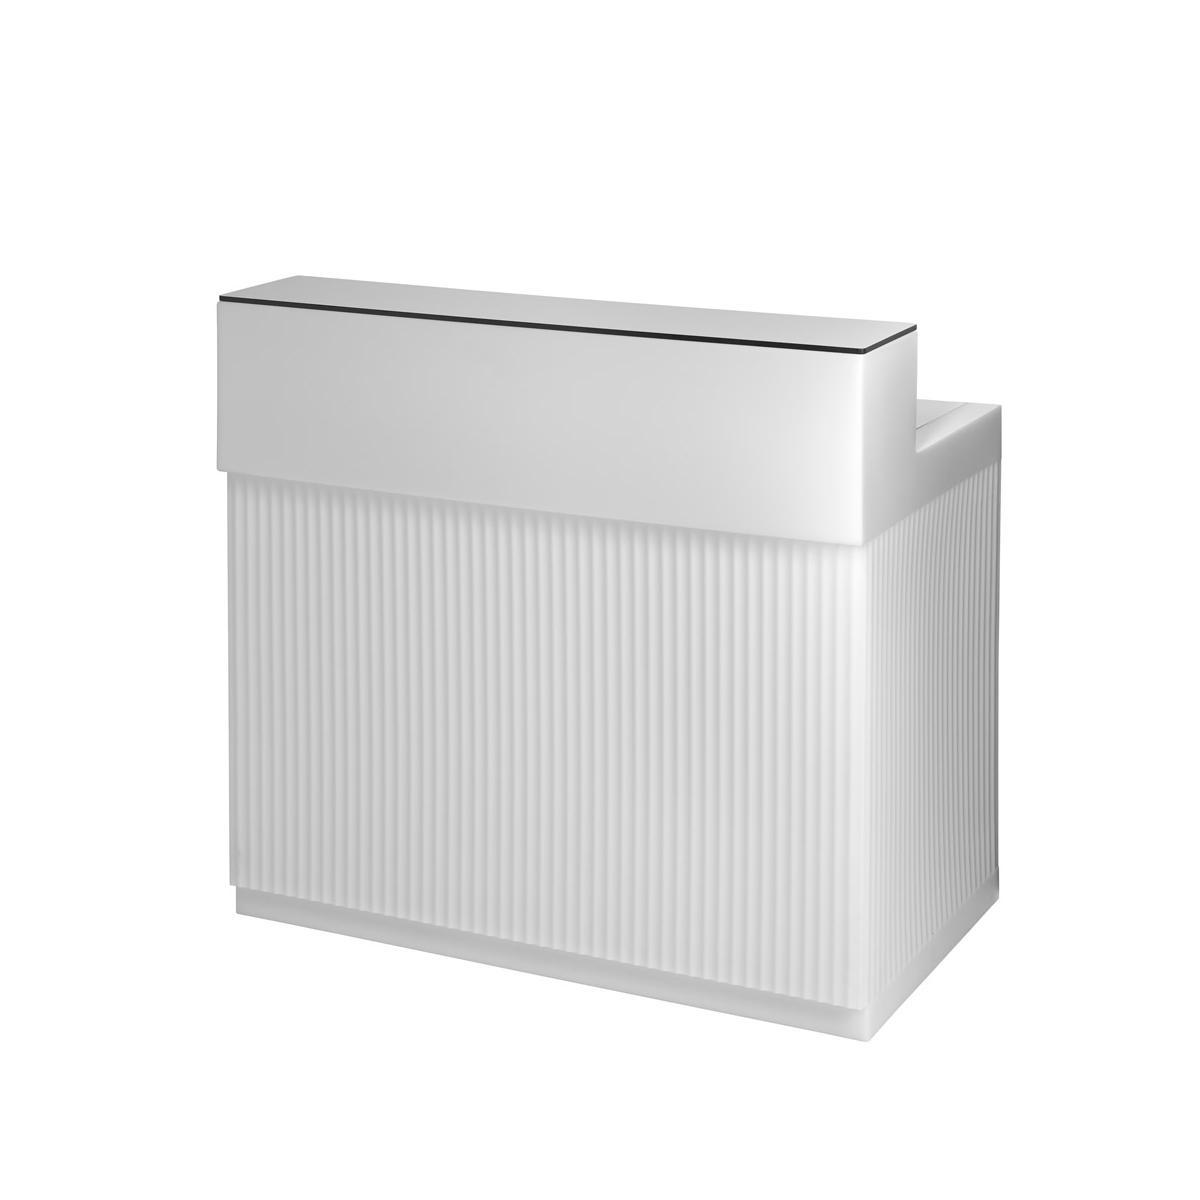 CORDIALE Counter Bar in weiß mit TOP Ablage in HPL weiß